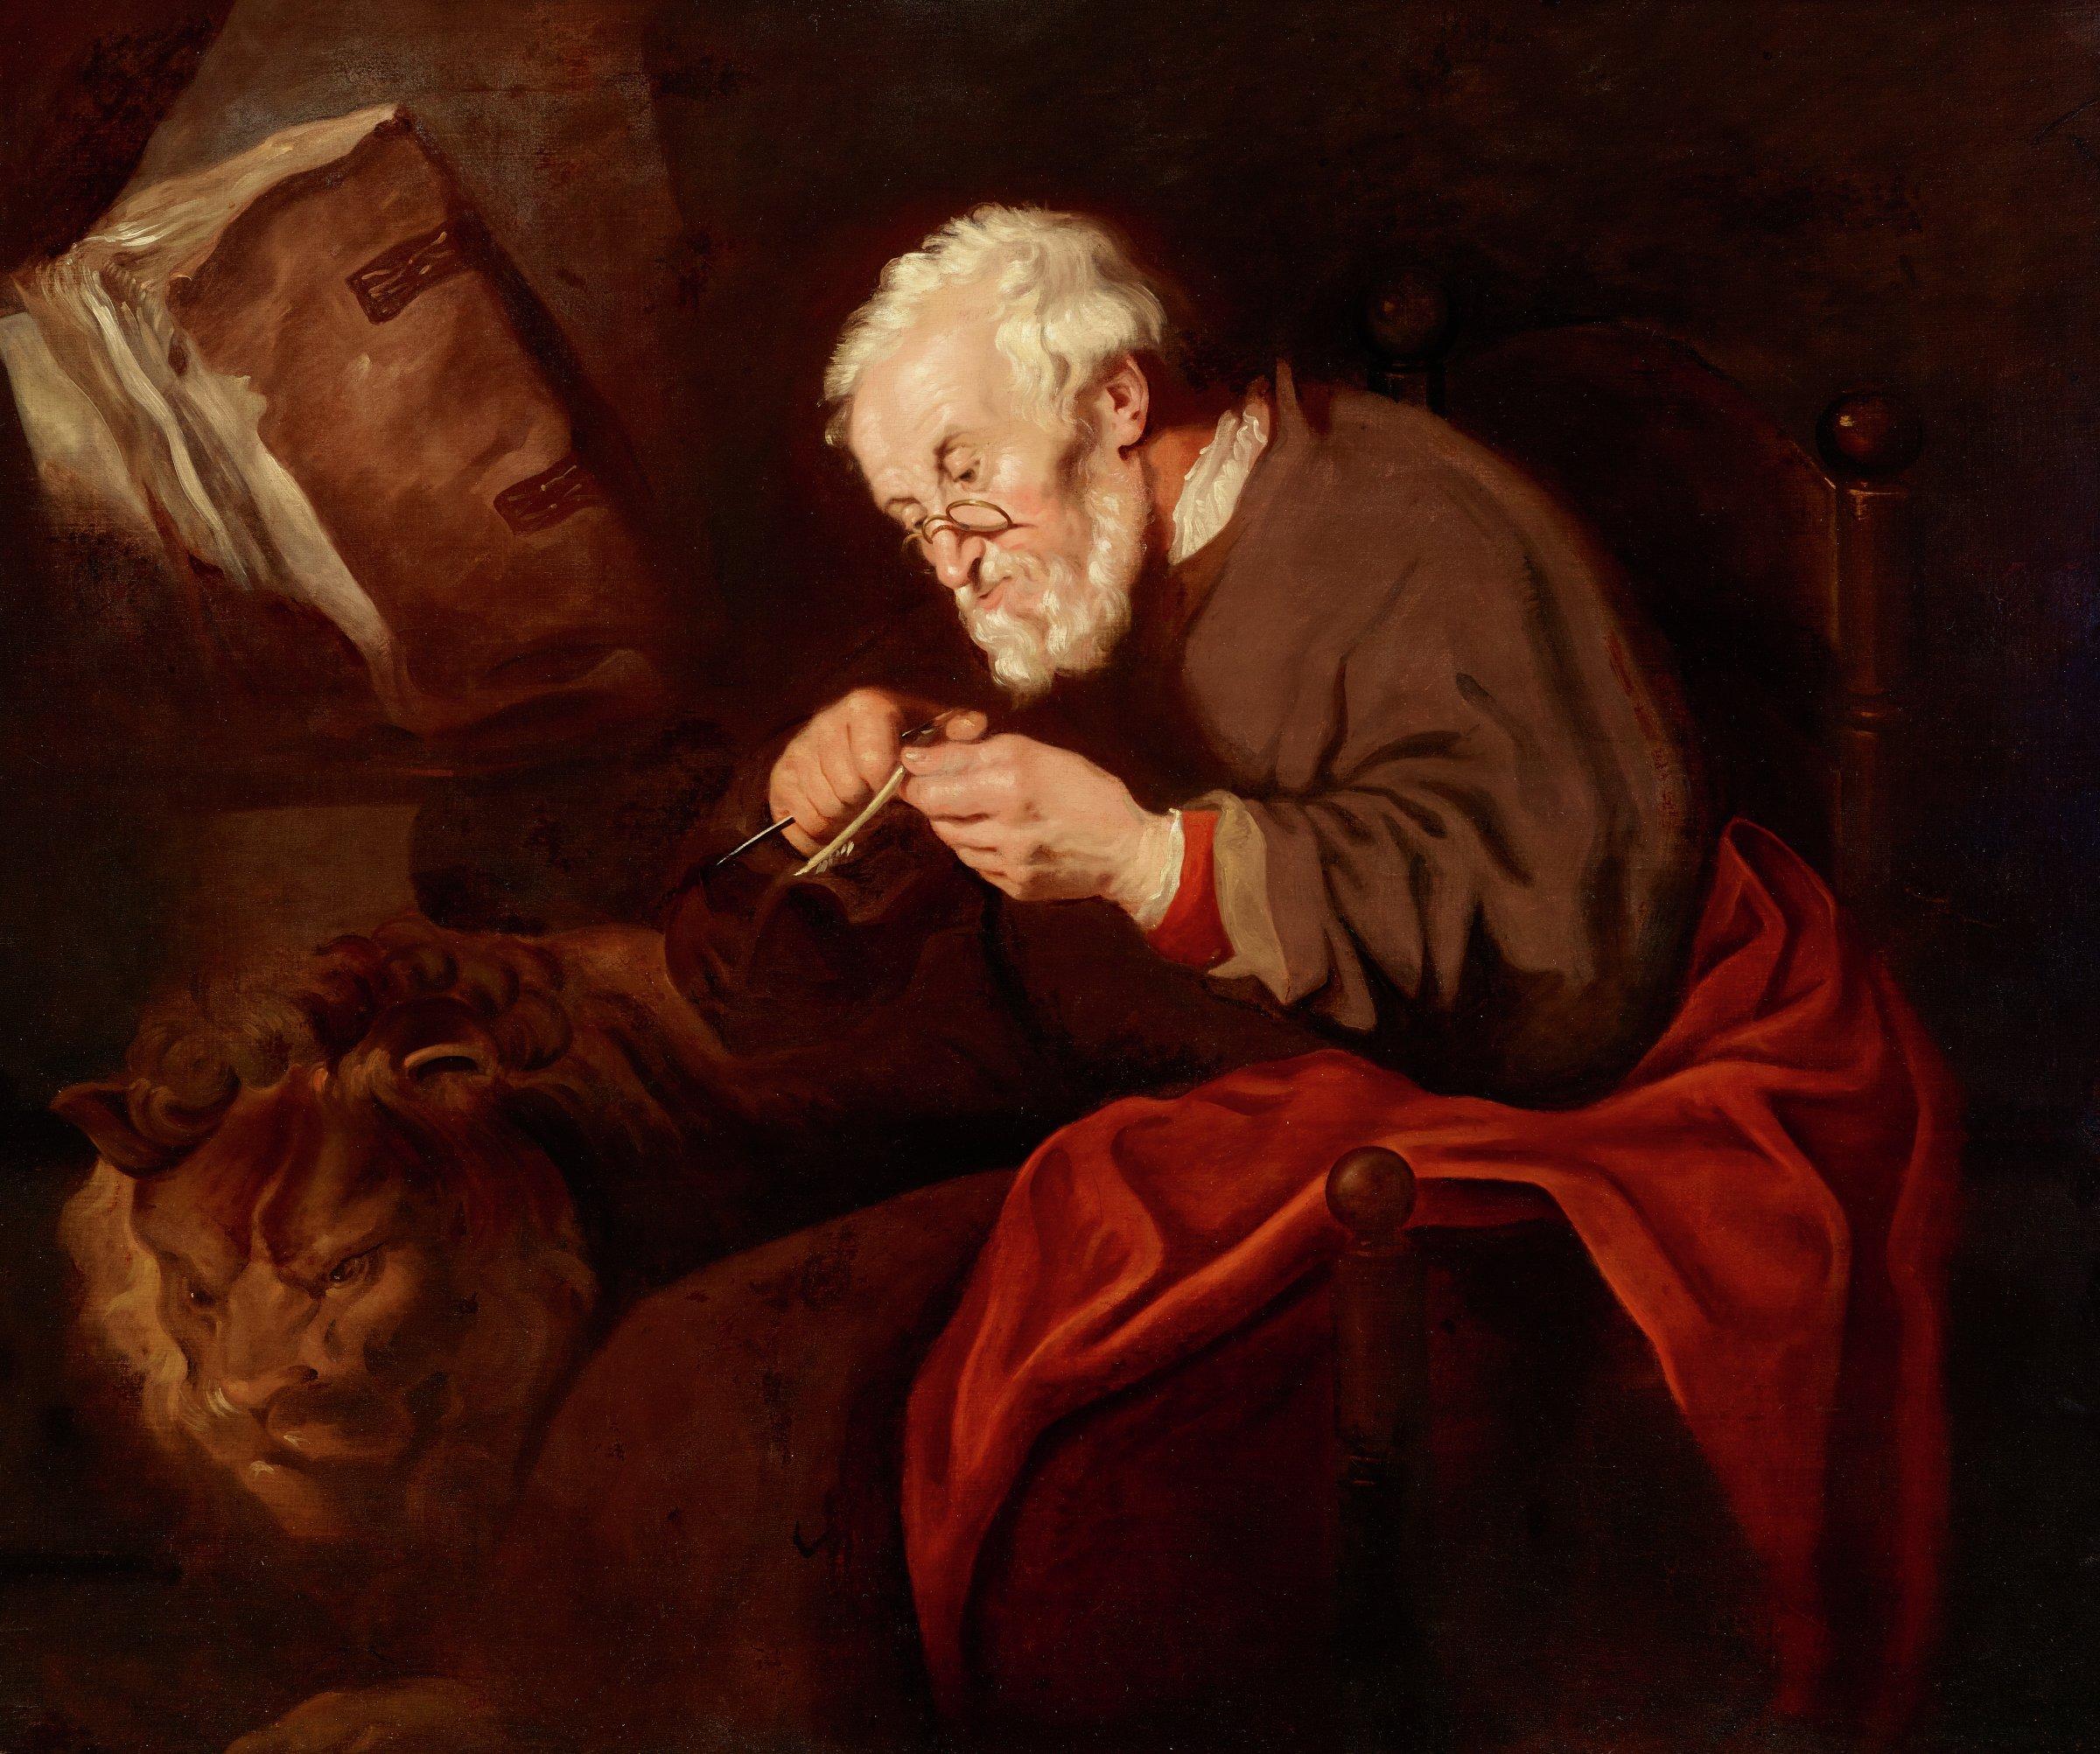 Saint Mark the Evangelist, Attributed to Jan Lievensz, oil on canvas